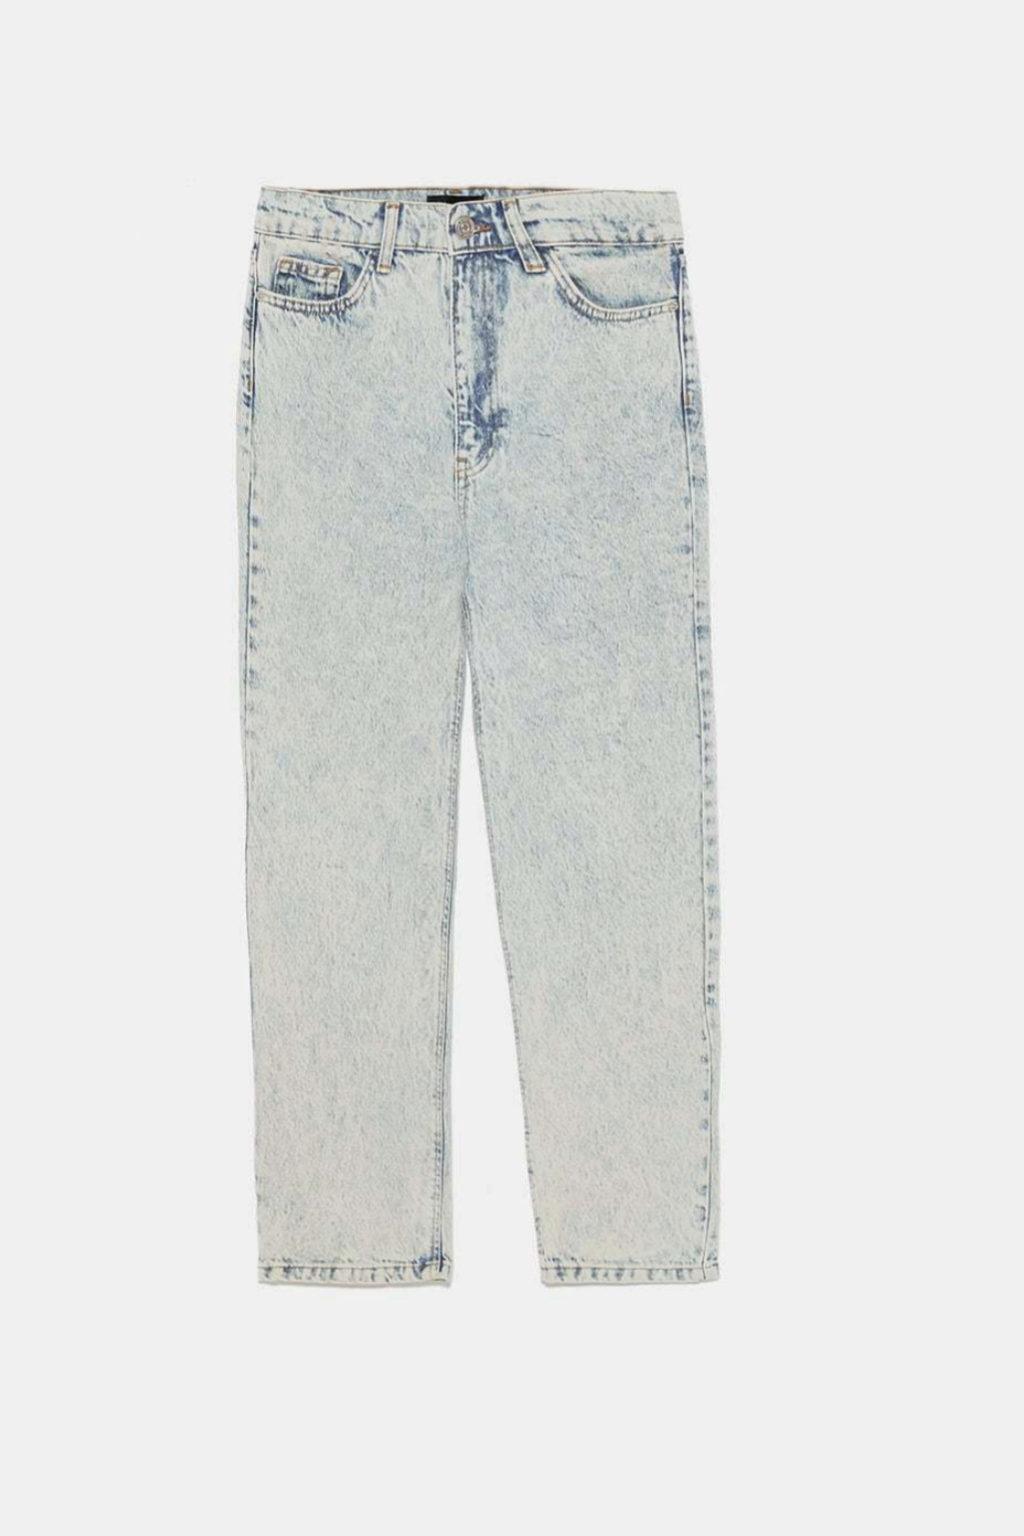 Jeans de efecto lavado de Zara